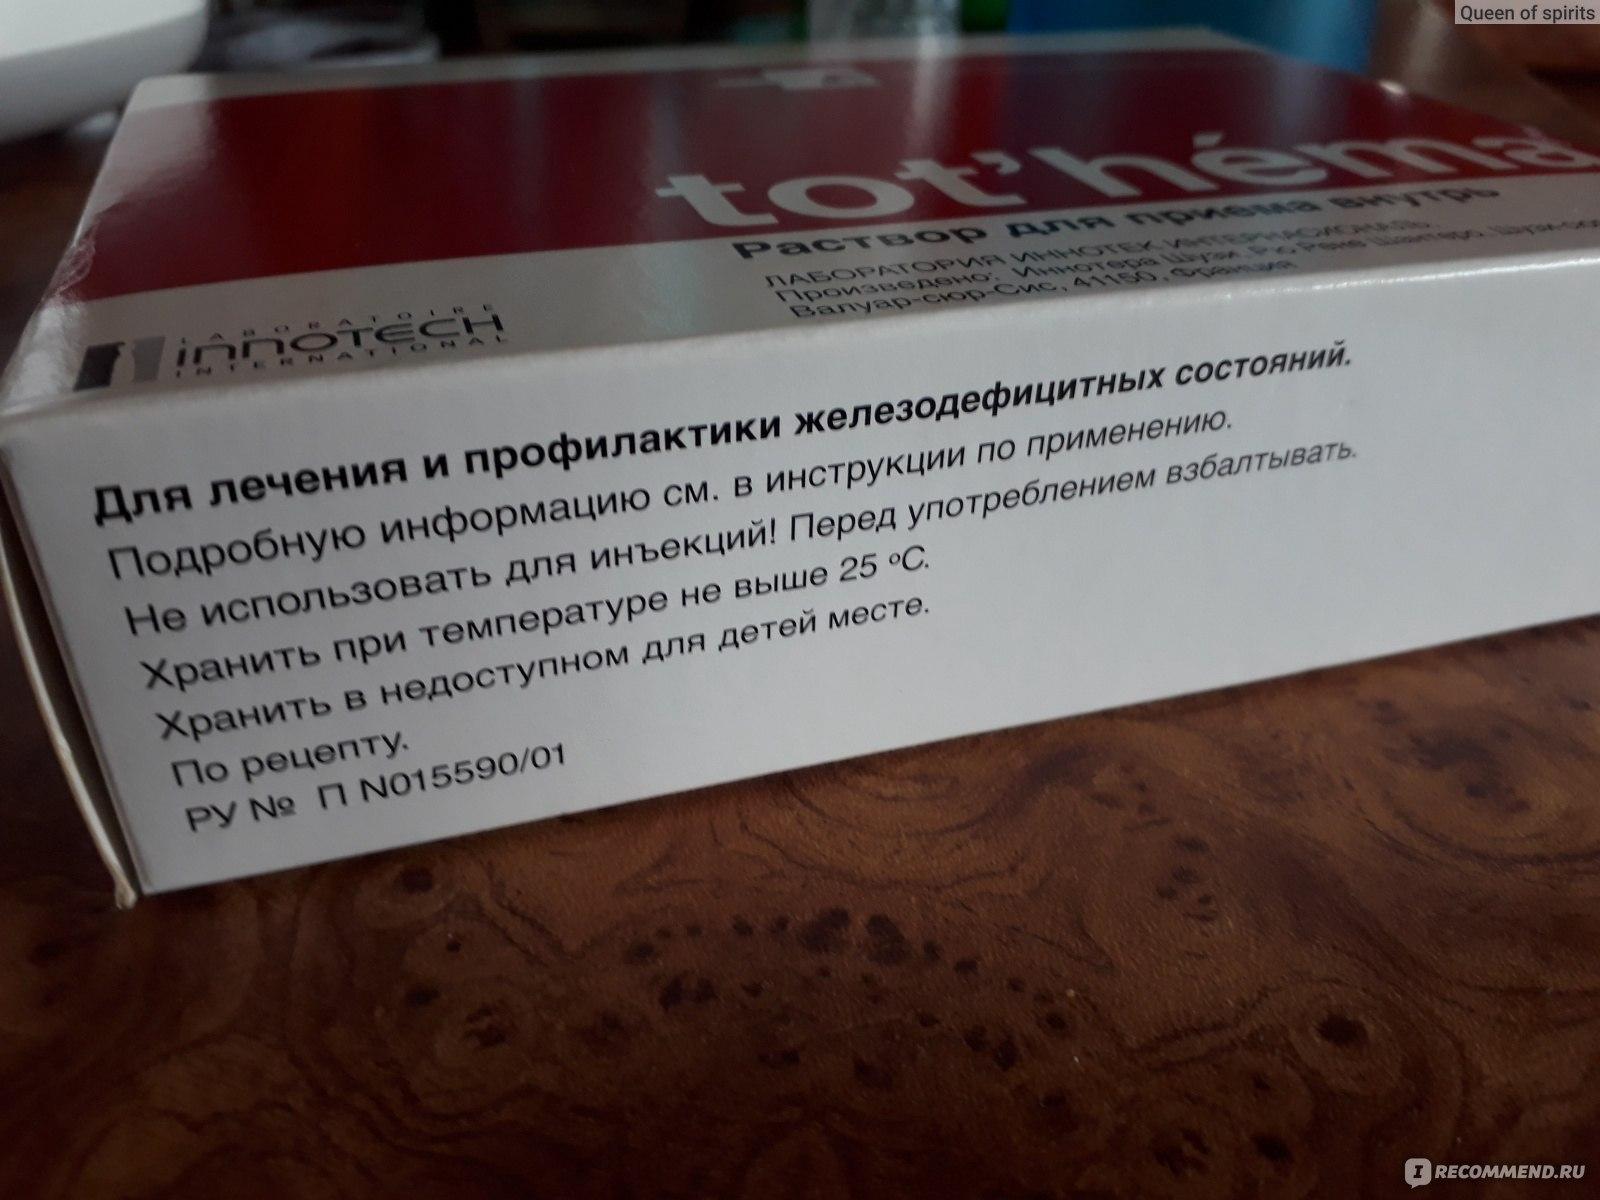 Тотема: инструкция по применению, аналоги и отзывы, цены в аптеках россии